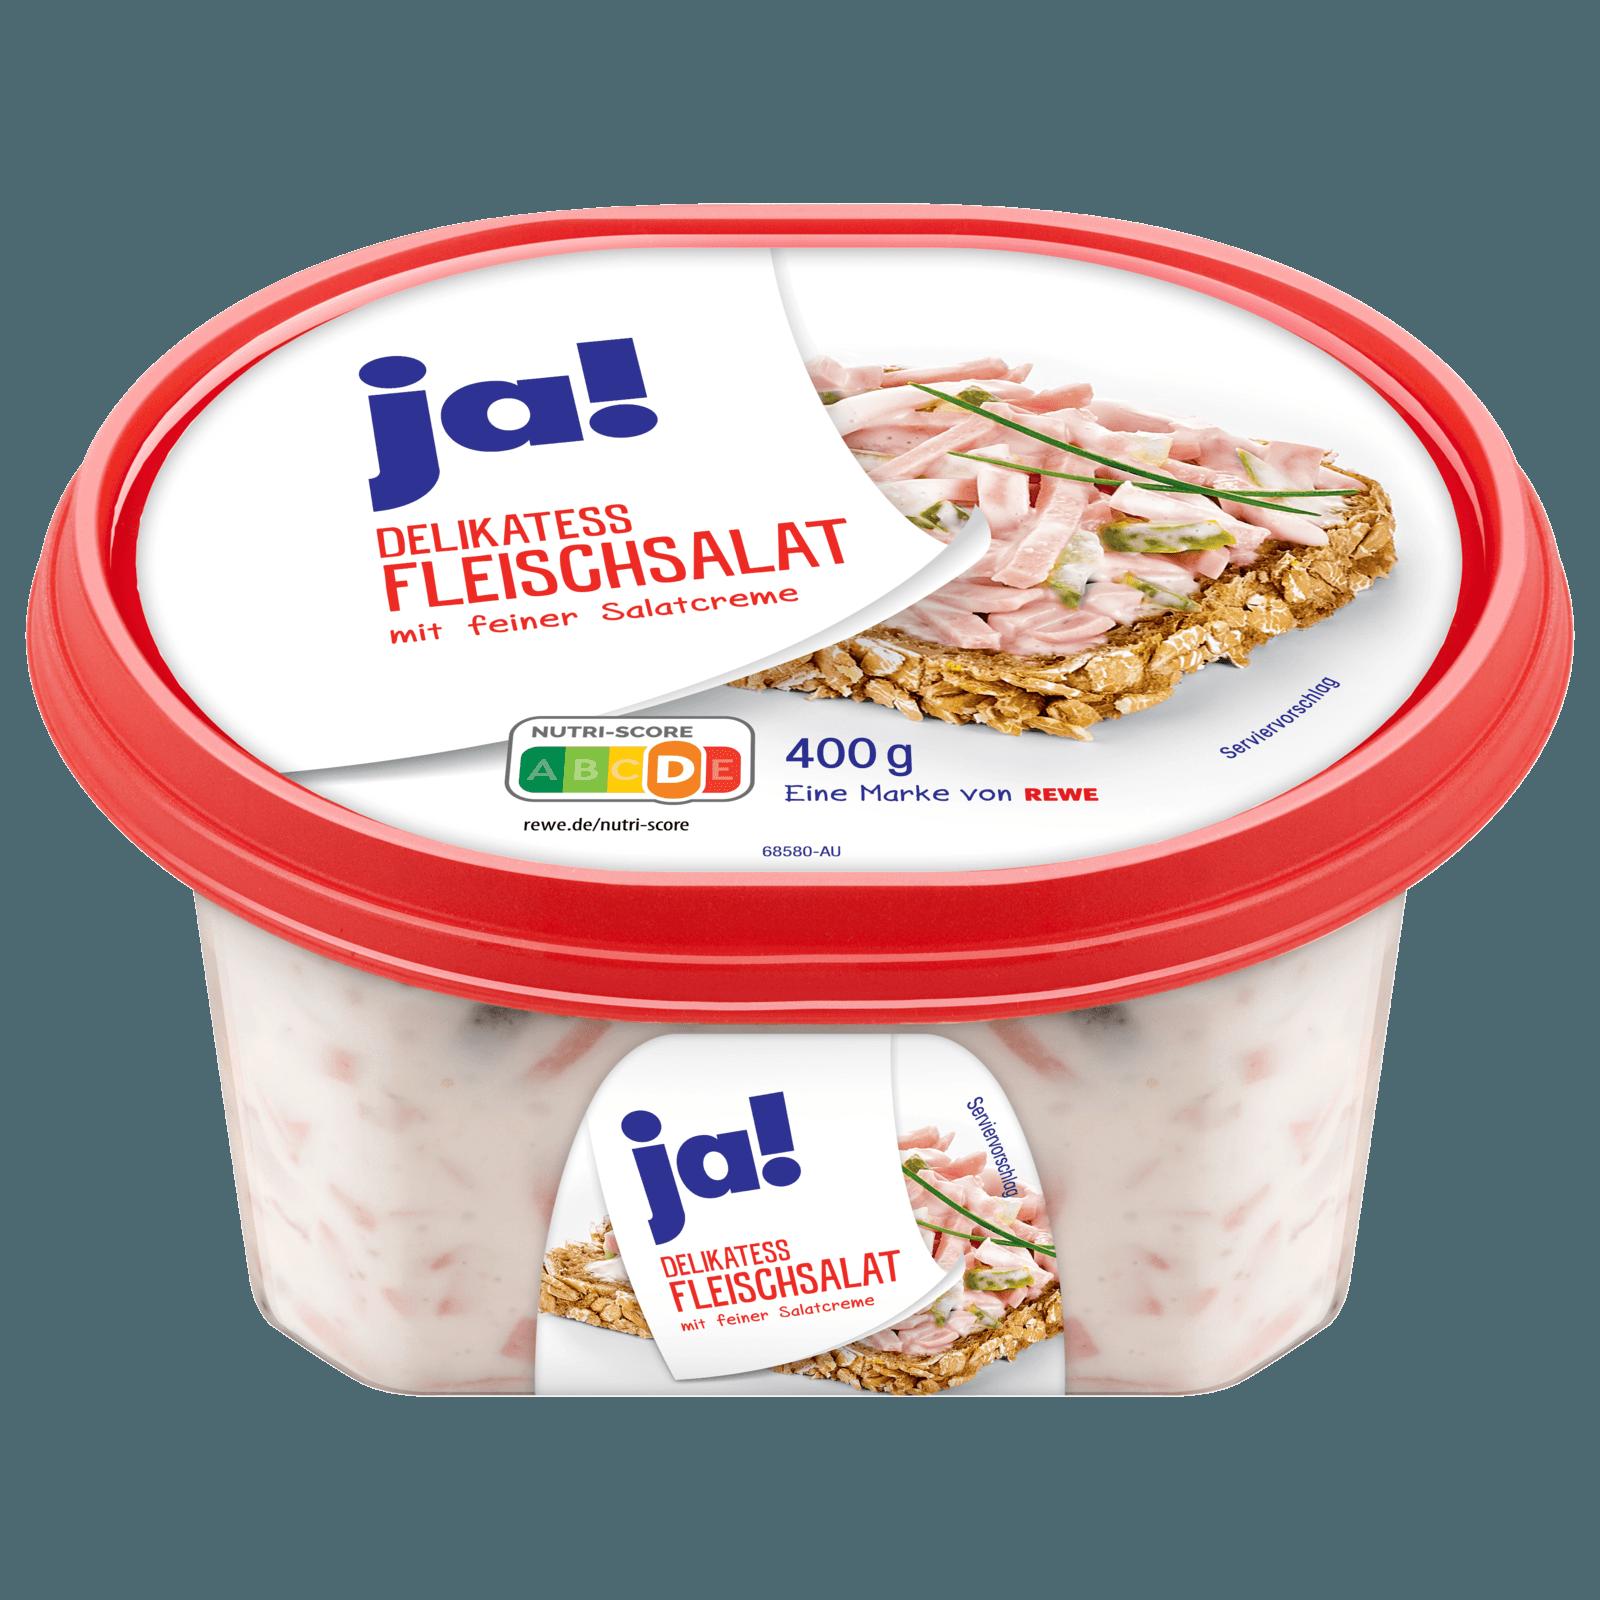 ja! Delikatess-Fleischsalat 400g